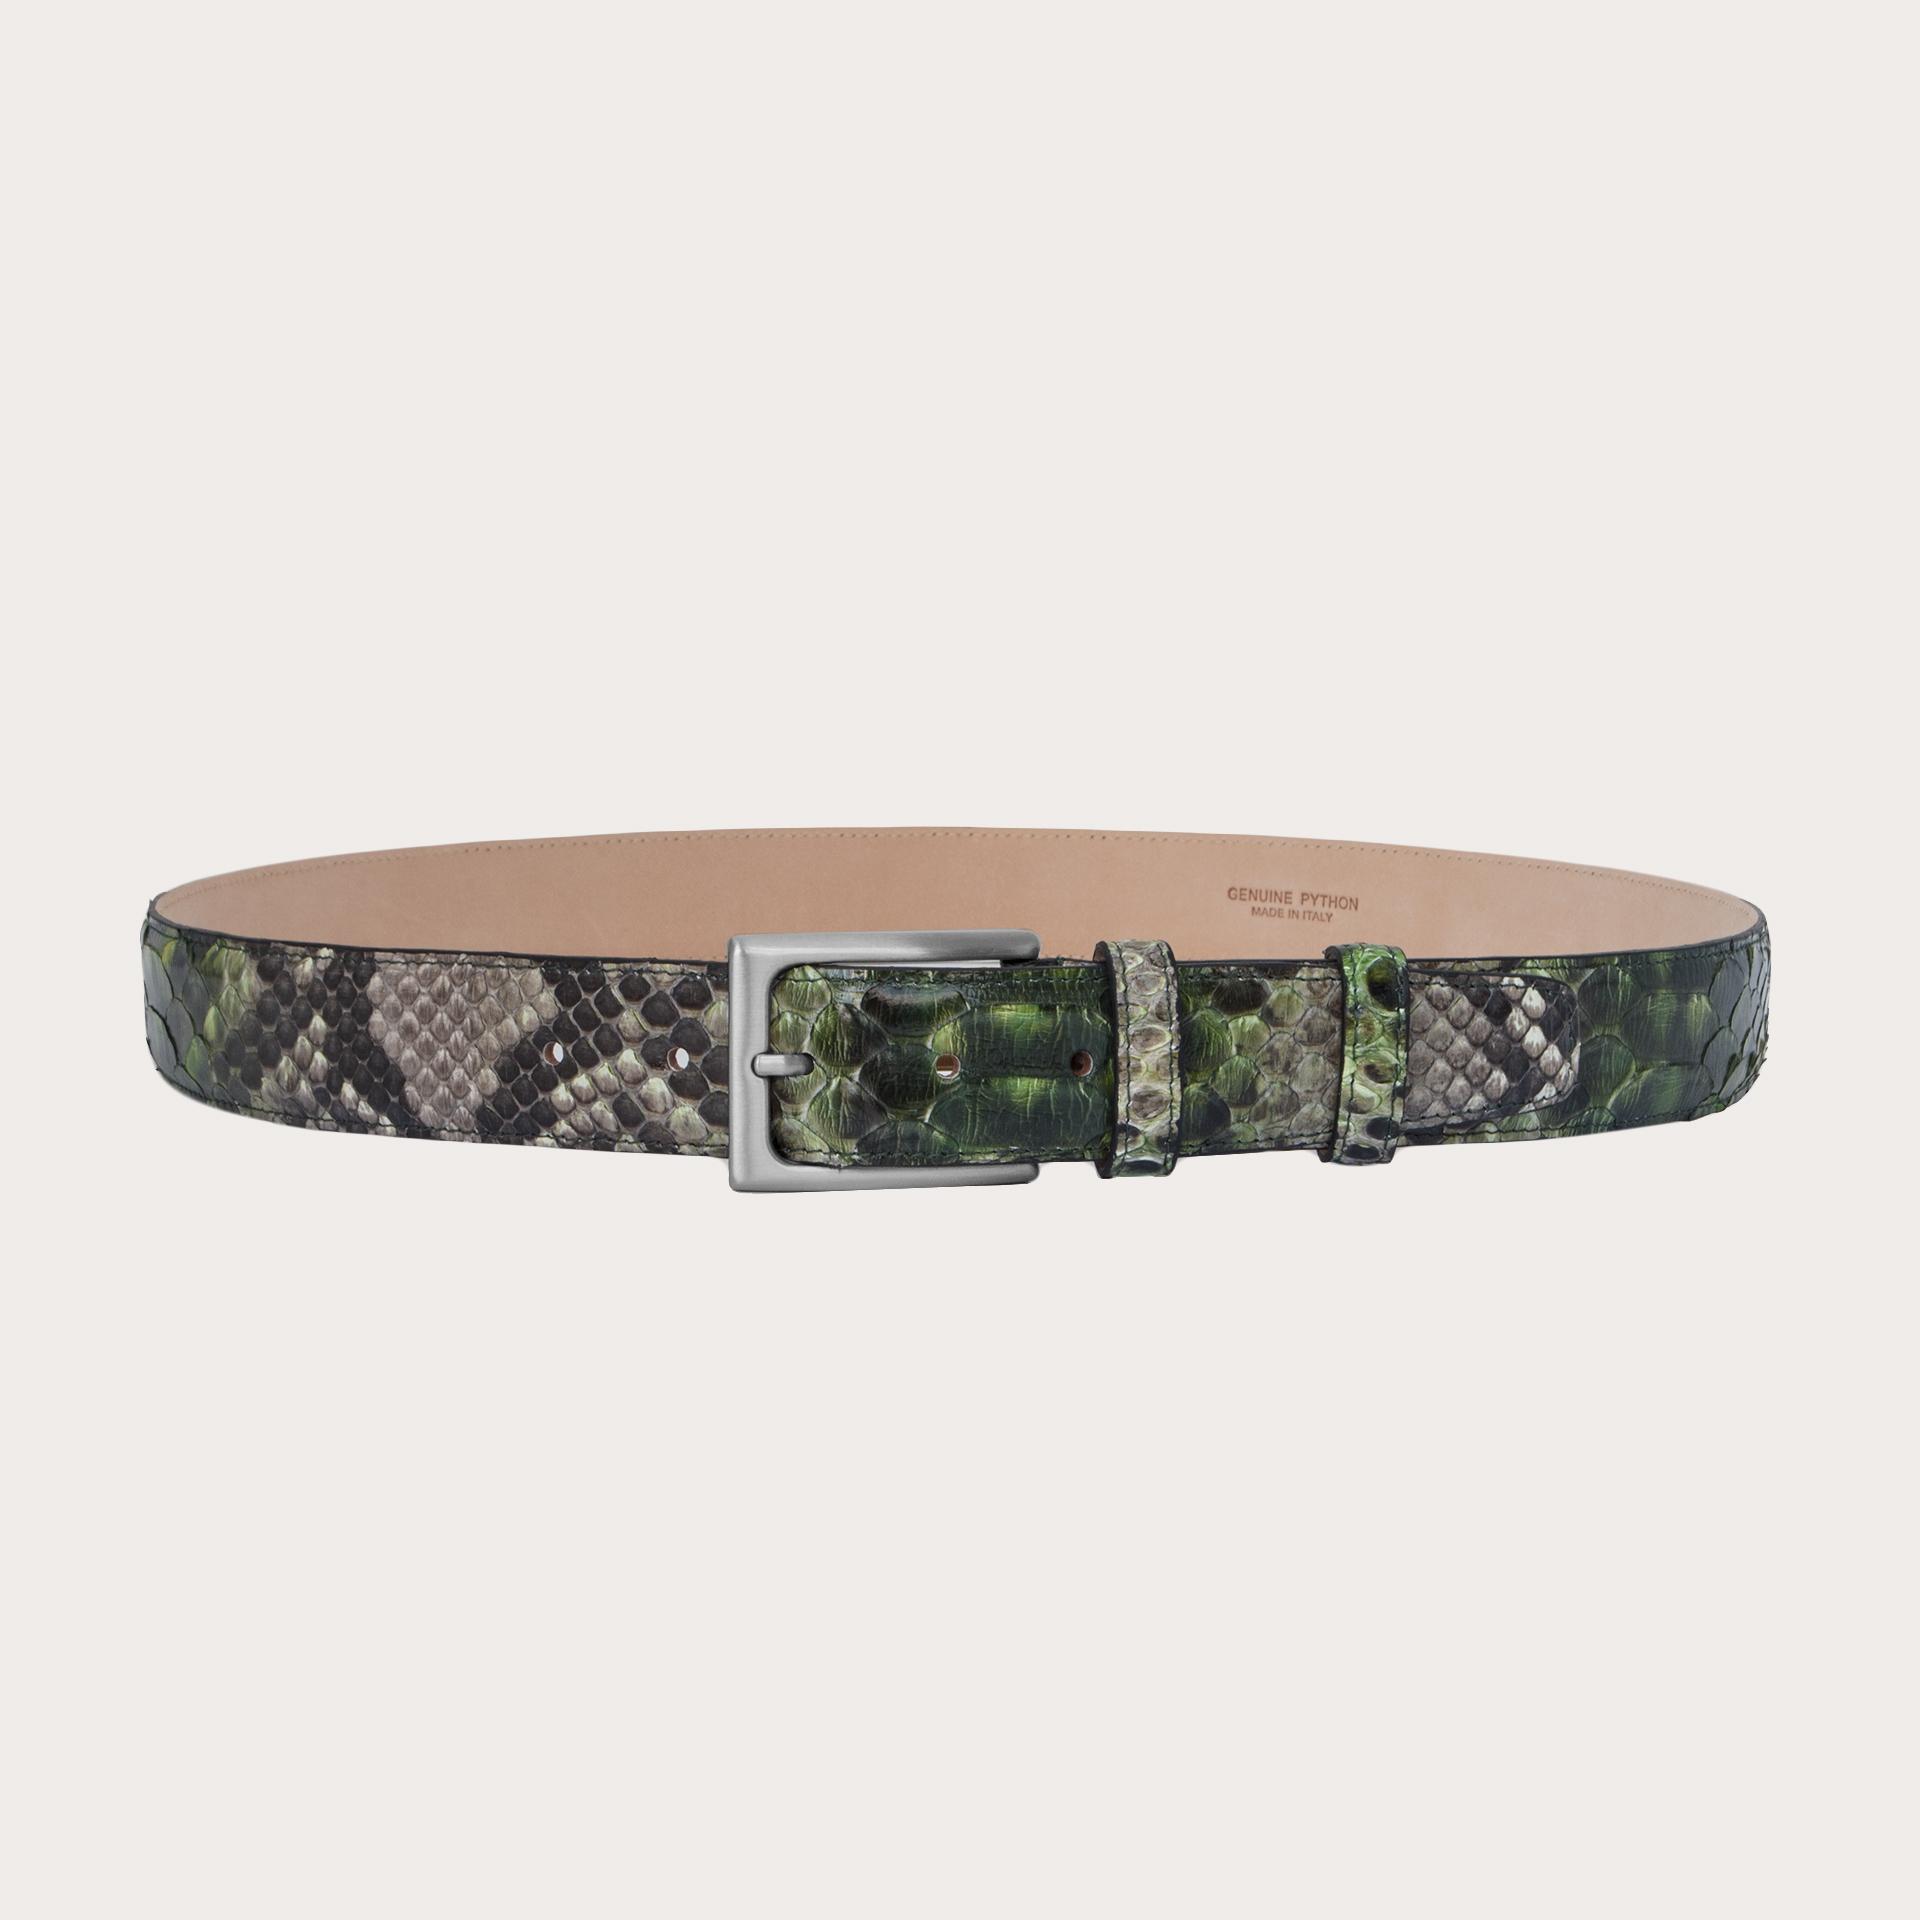 BRUCLE Cintura in pelle di pitone H35 tamponata a mano con fibbia satinata argento, toni di verde e fango